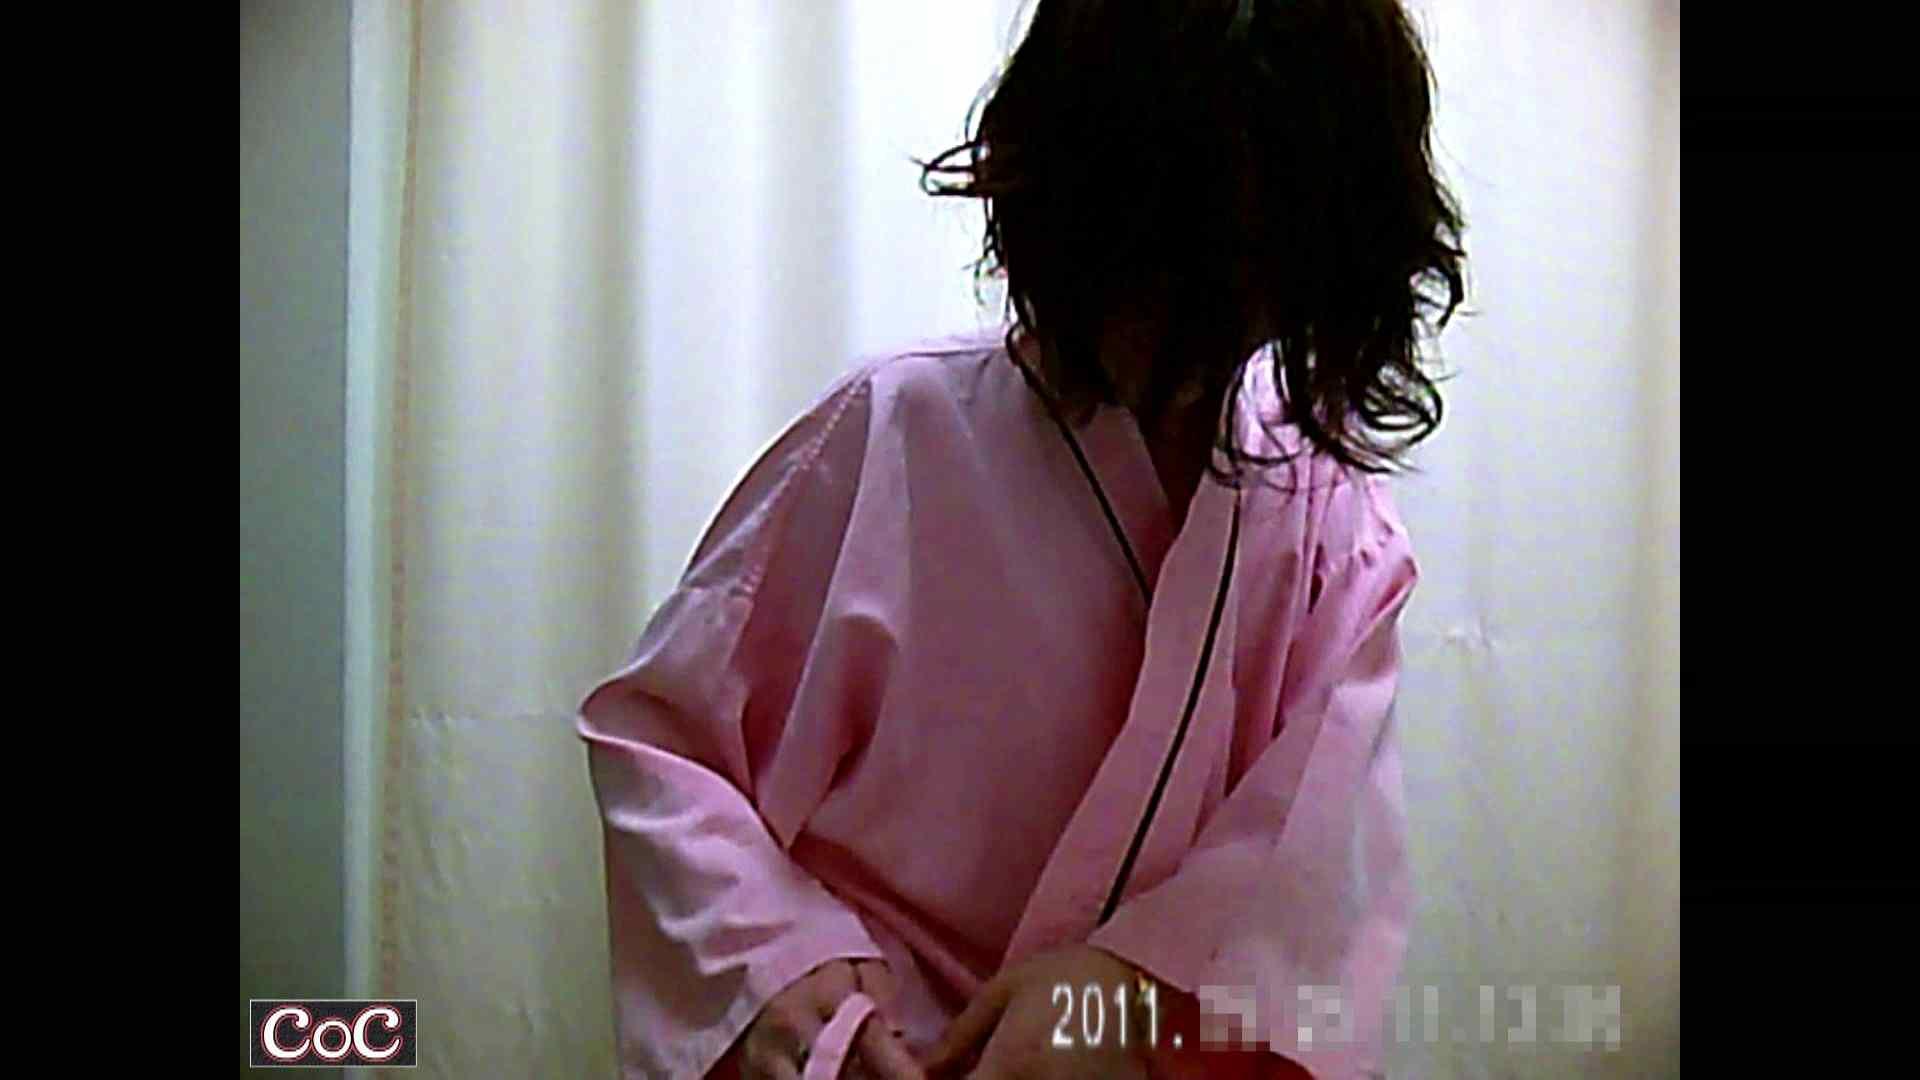 元医者による反抗 更衣室地獄絵巻 vol.164 OL  80pic 60